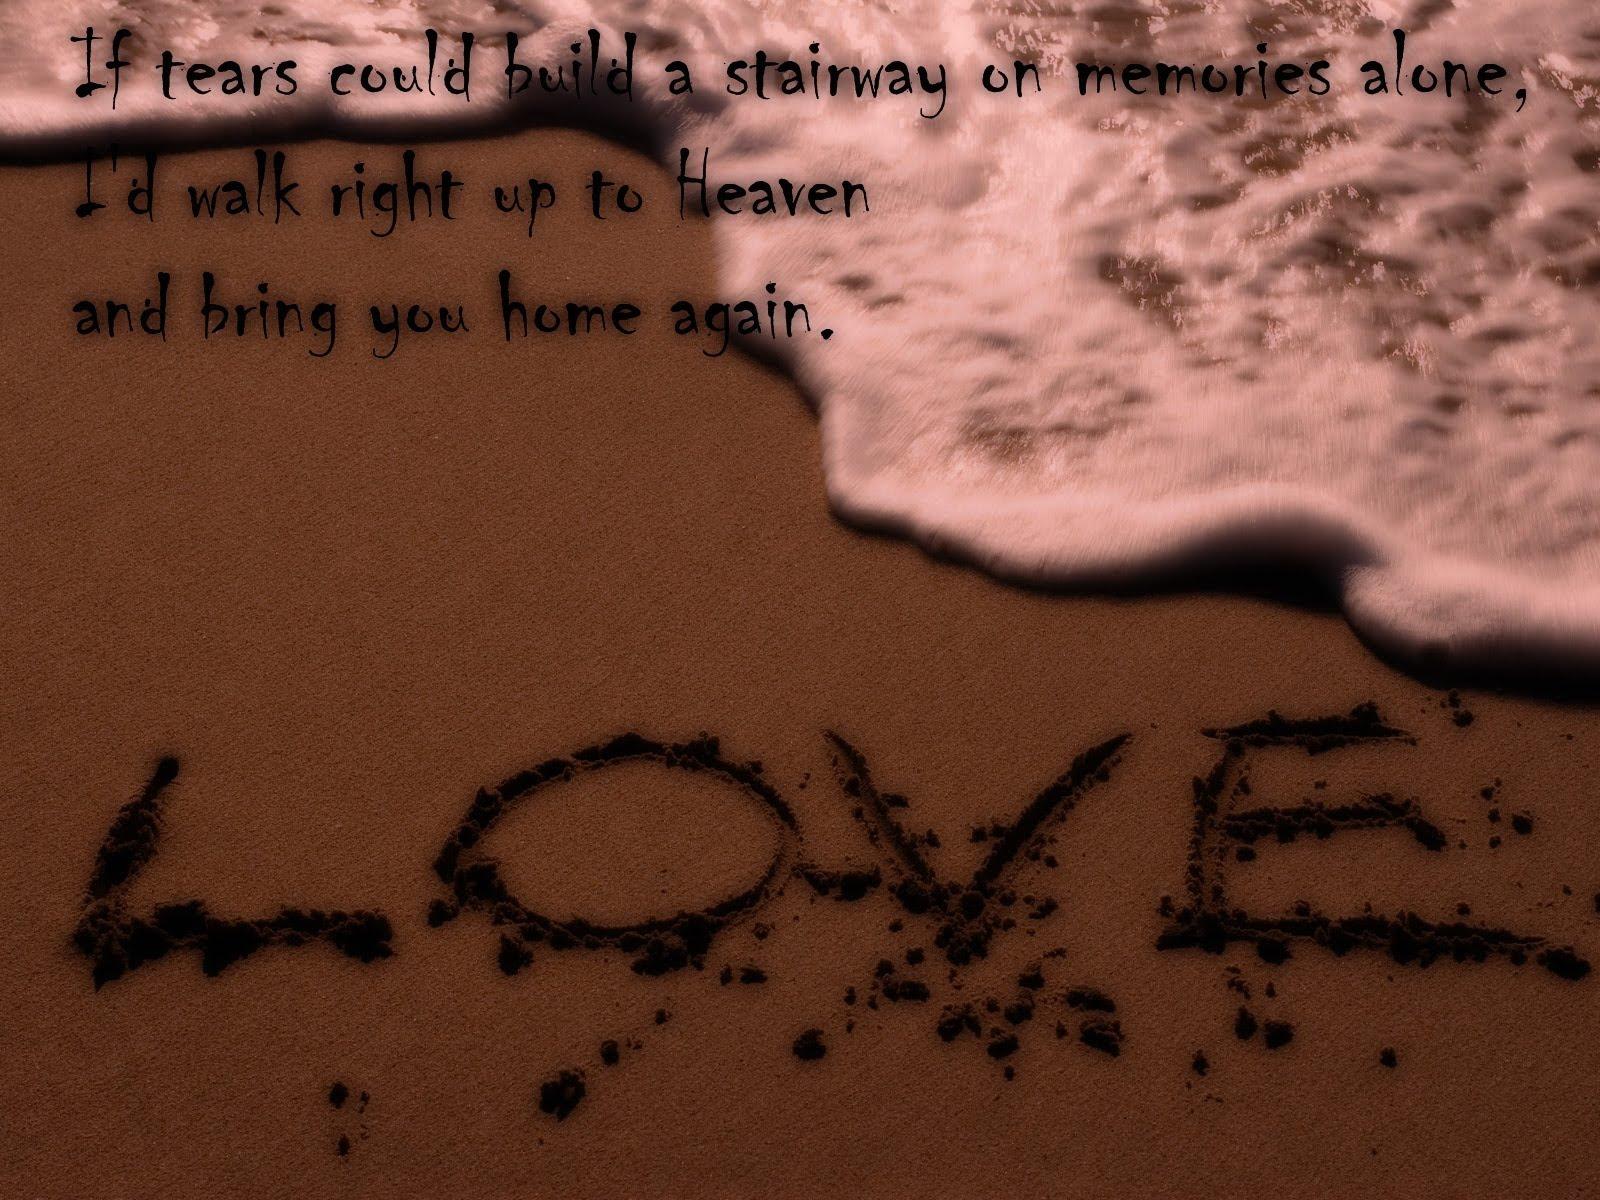 sad love quote wallpaper 8